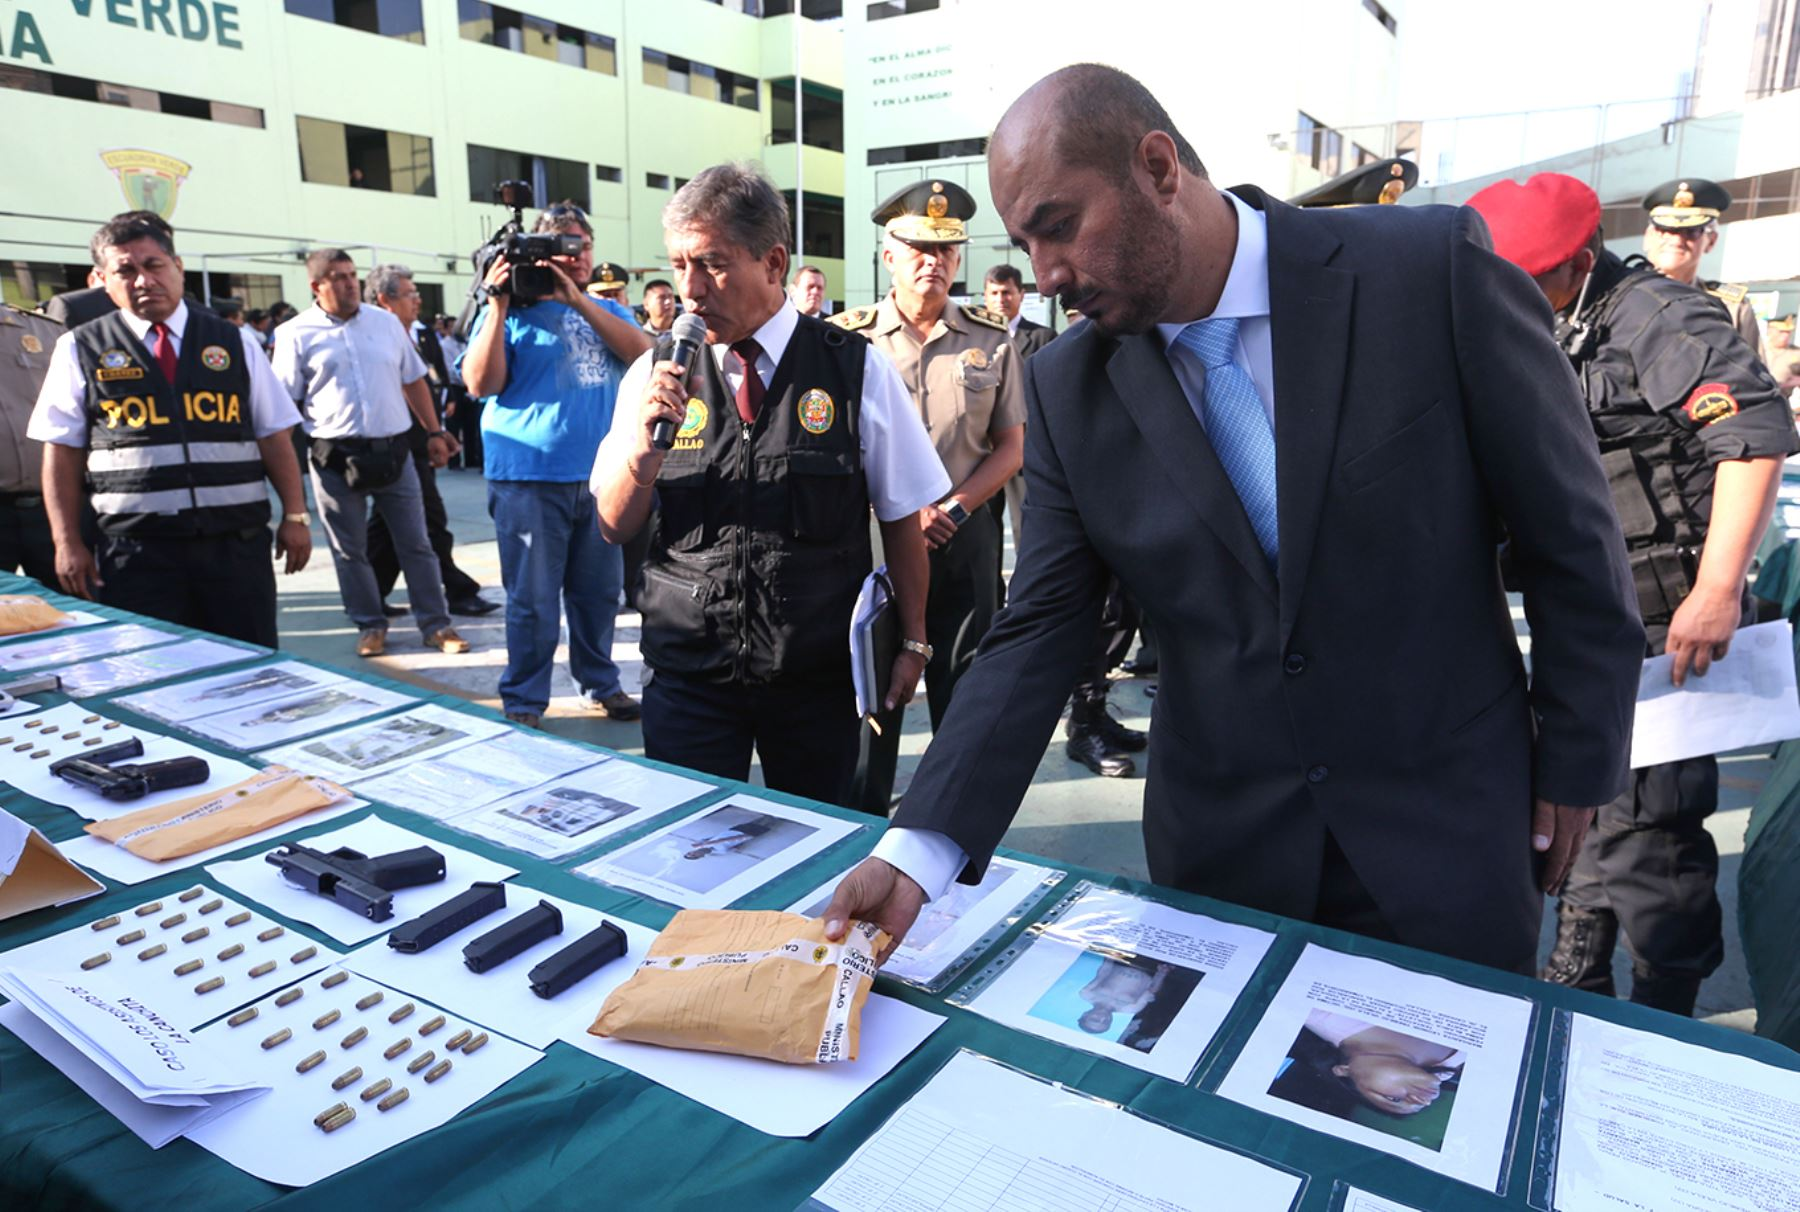 Lima per abril 07 el ministro del interior jos luis for Ministro de la policia nacional